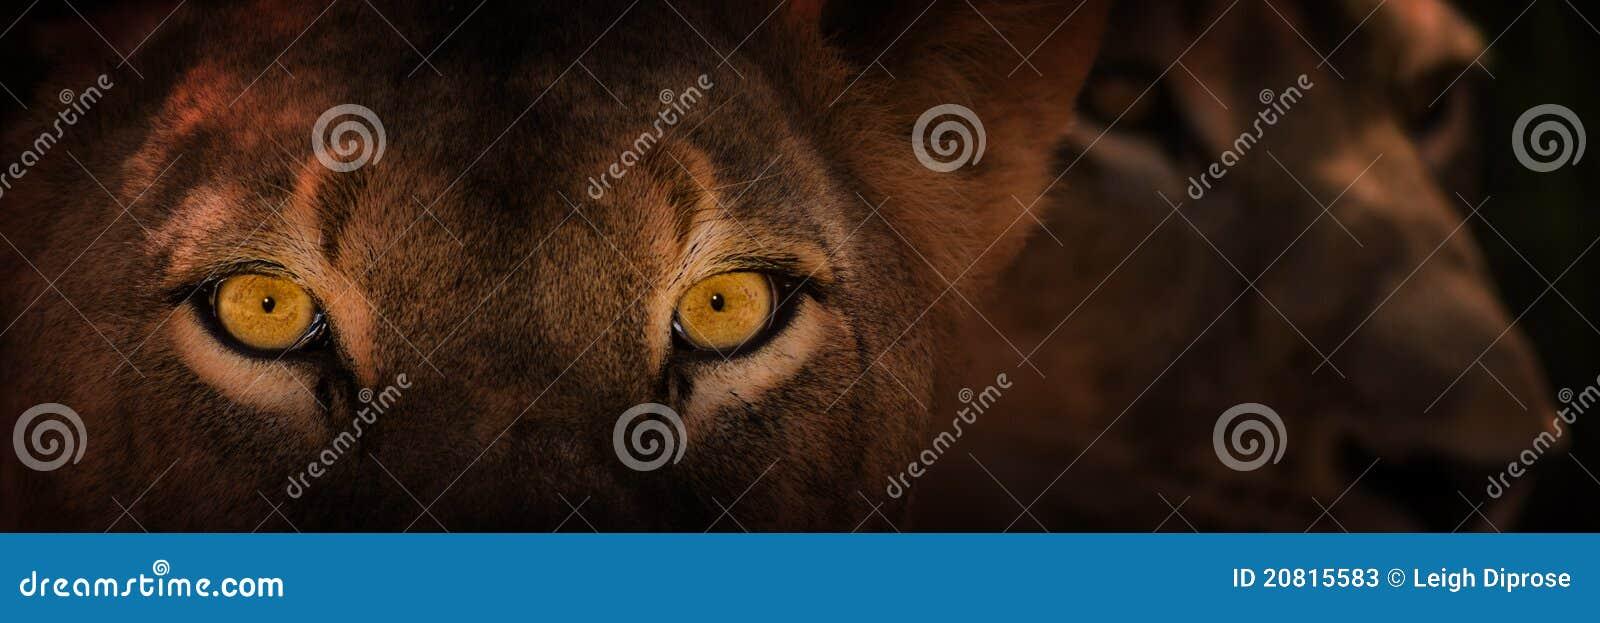 Eyes of staring lion